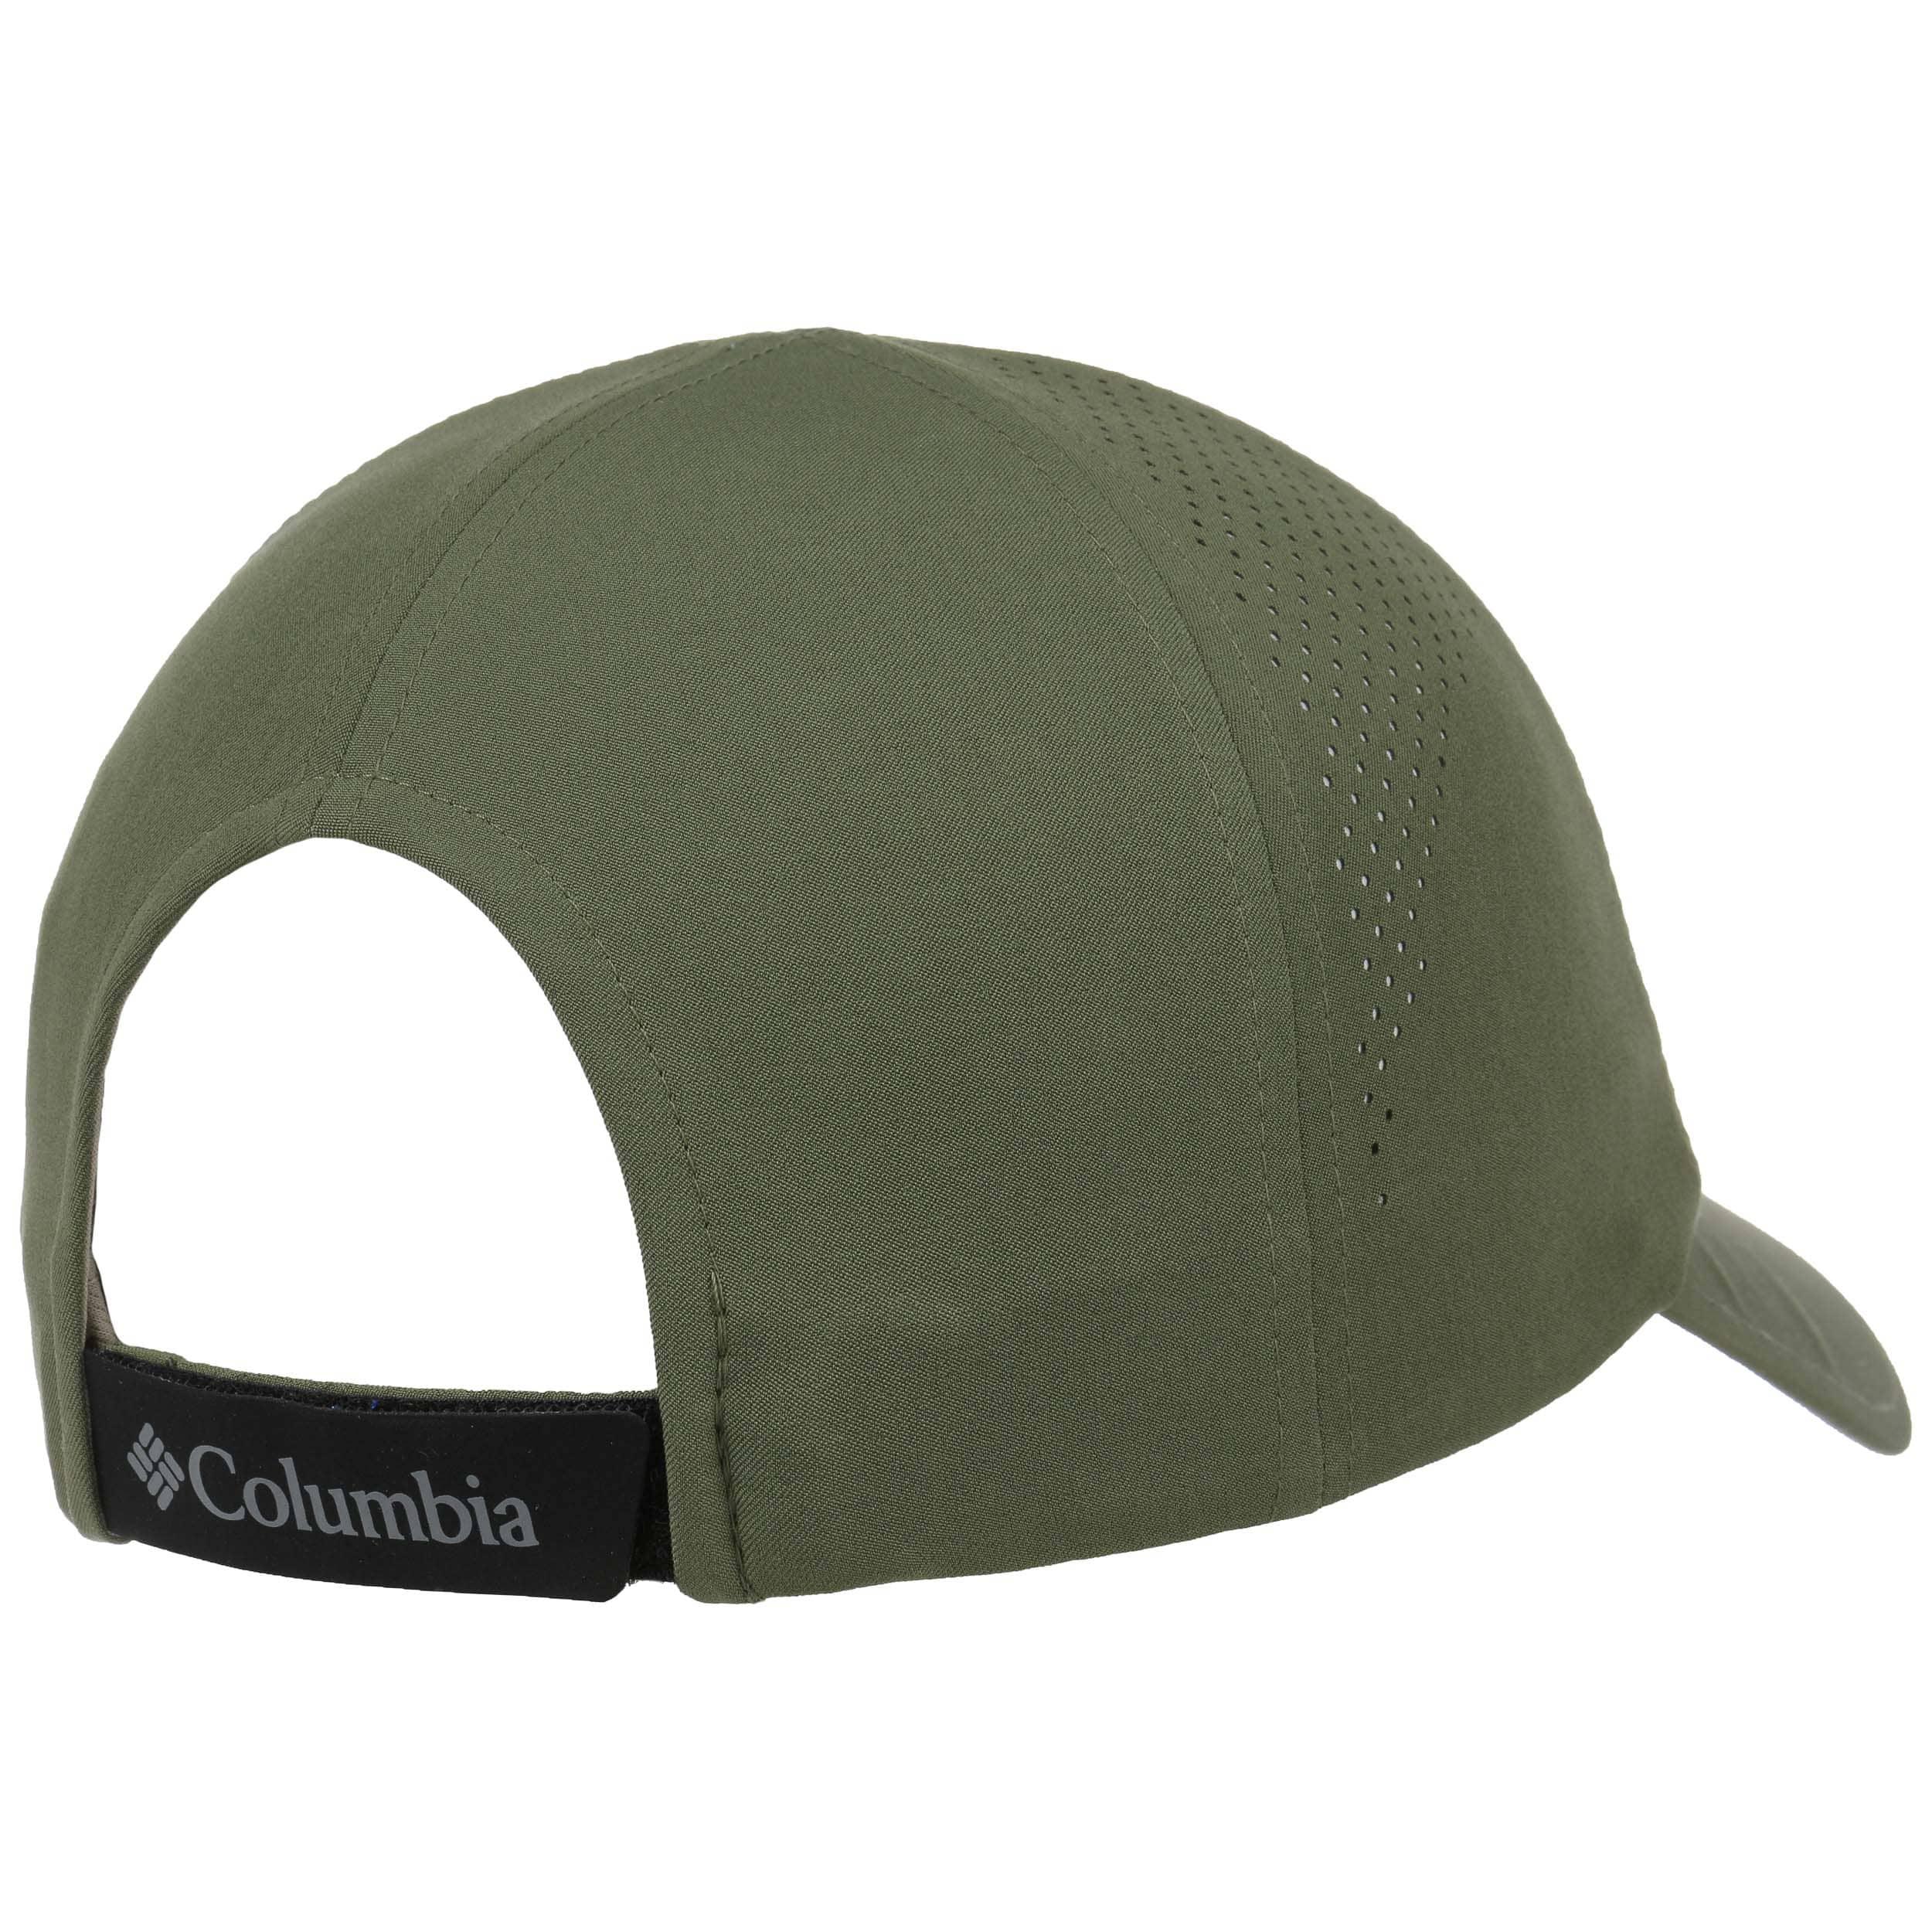 cfe91ead10186 Gorra Silver Ridge by Columbia - Gorras - sombreroshop.es